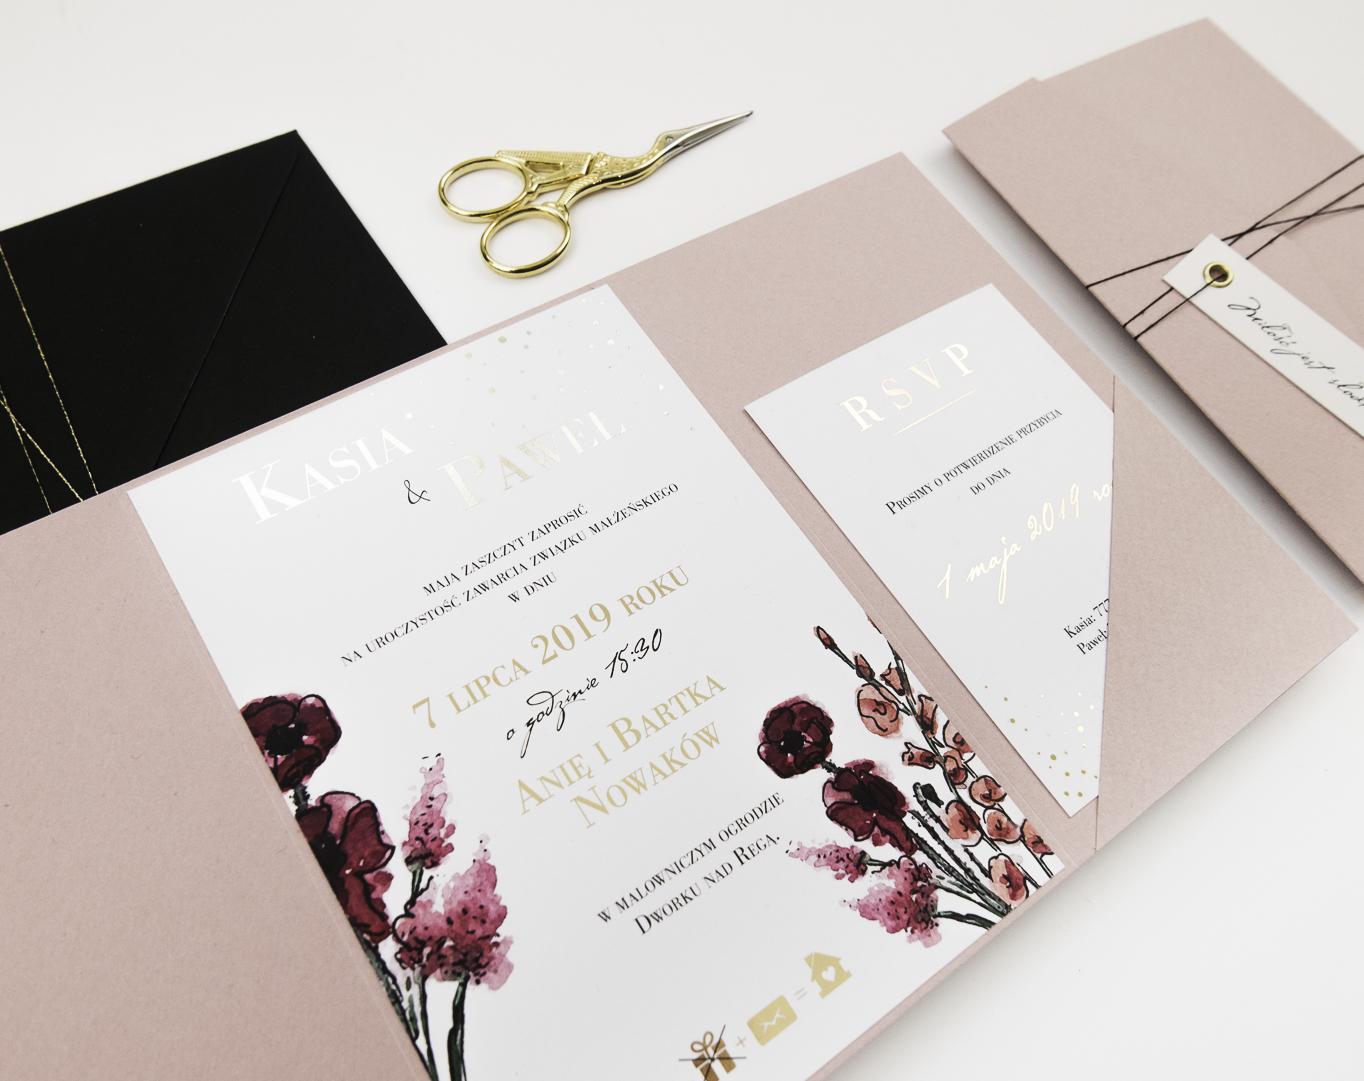 nowoczesne-zaproszenia-slubne_nietypowe_zlocone_eleganckie_rozowe_kwiaty_zlota-folia_w-folderze_co-nieco-papieru3.JPG